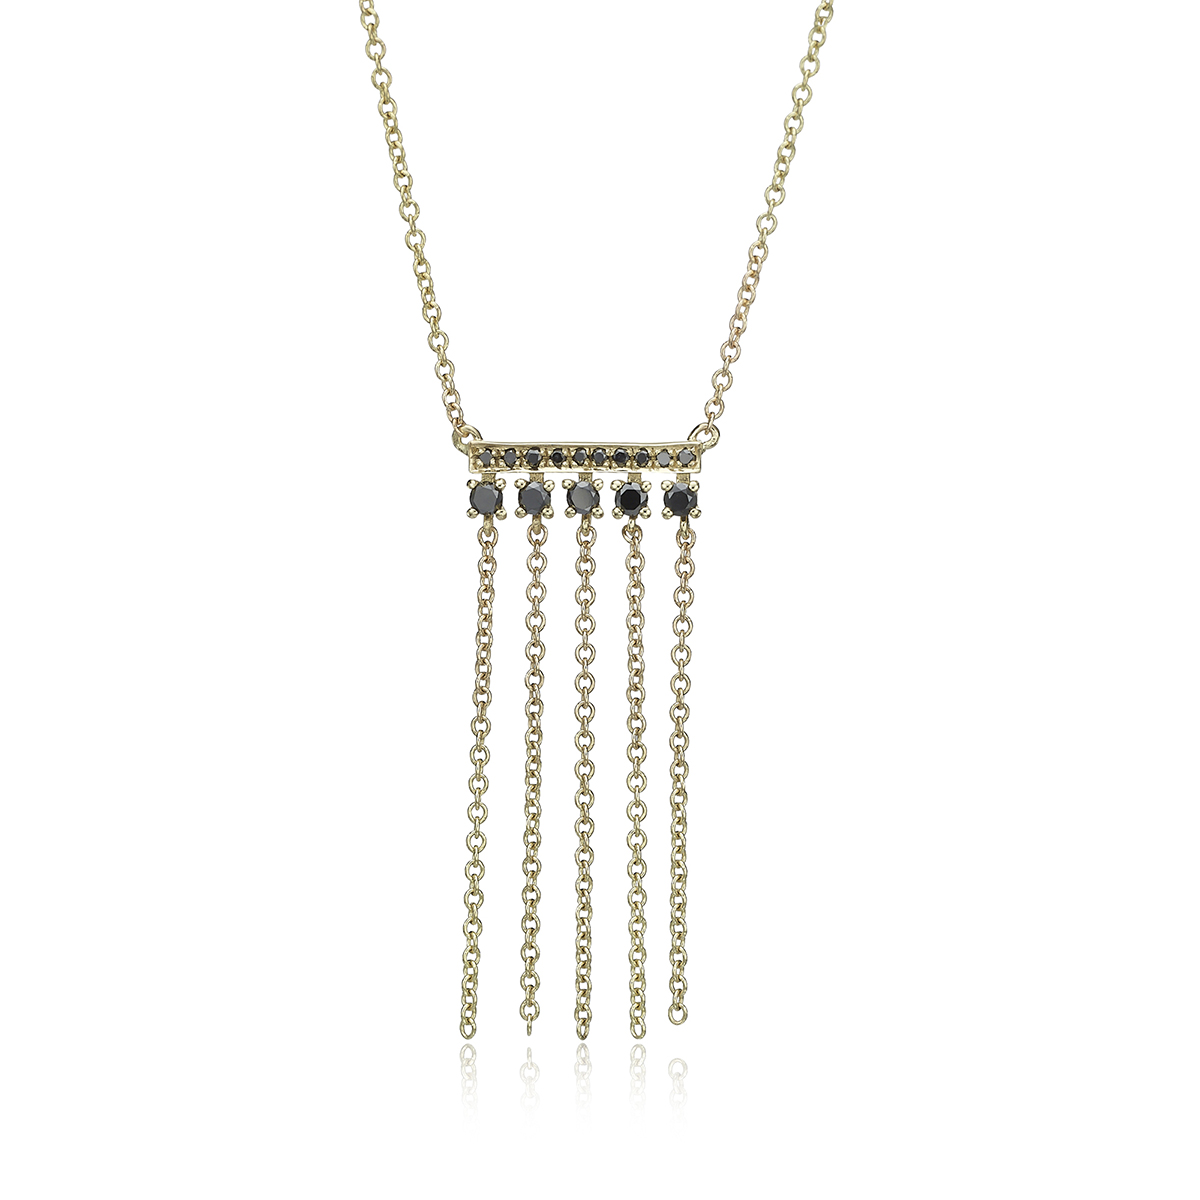 שרשרת זהב ויהלומים שחורים עם שרשראות מתנדנדות